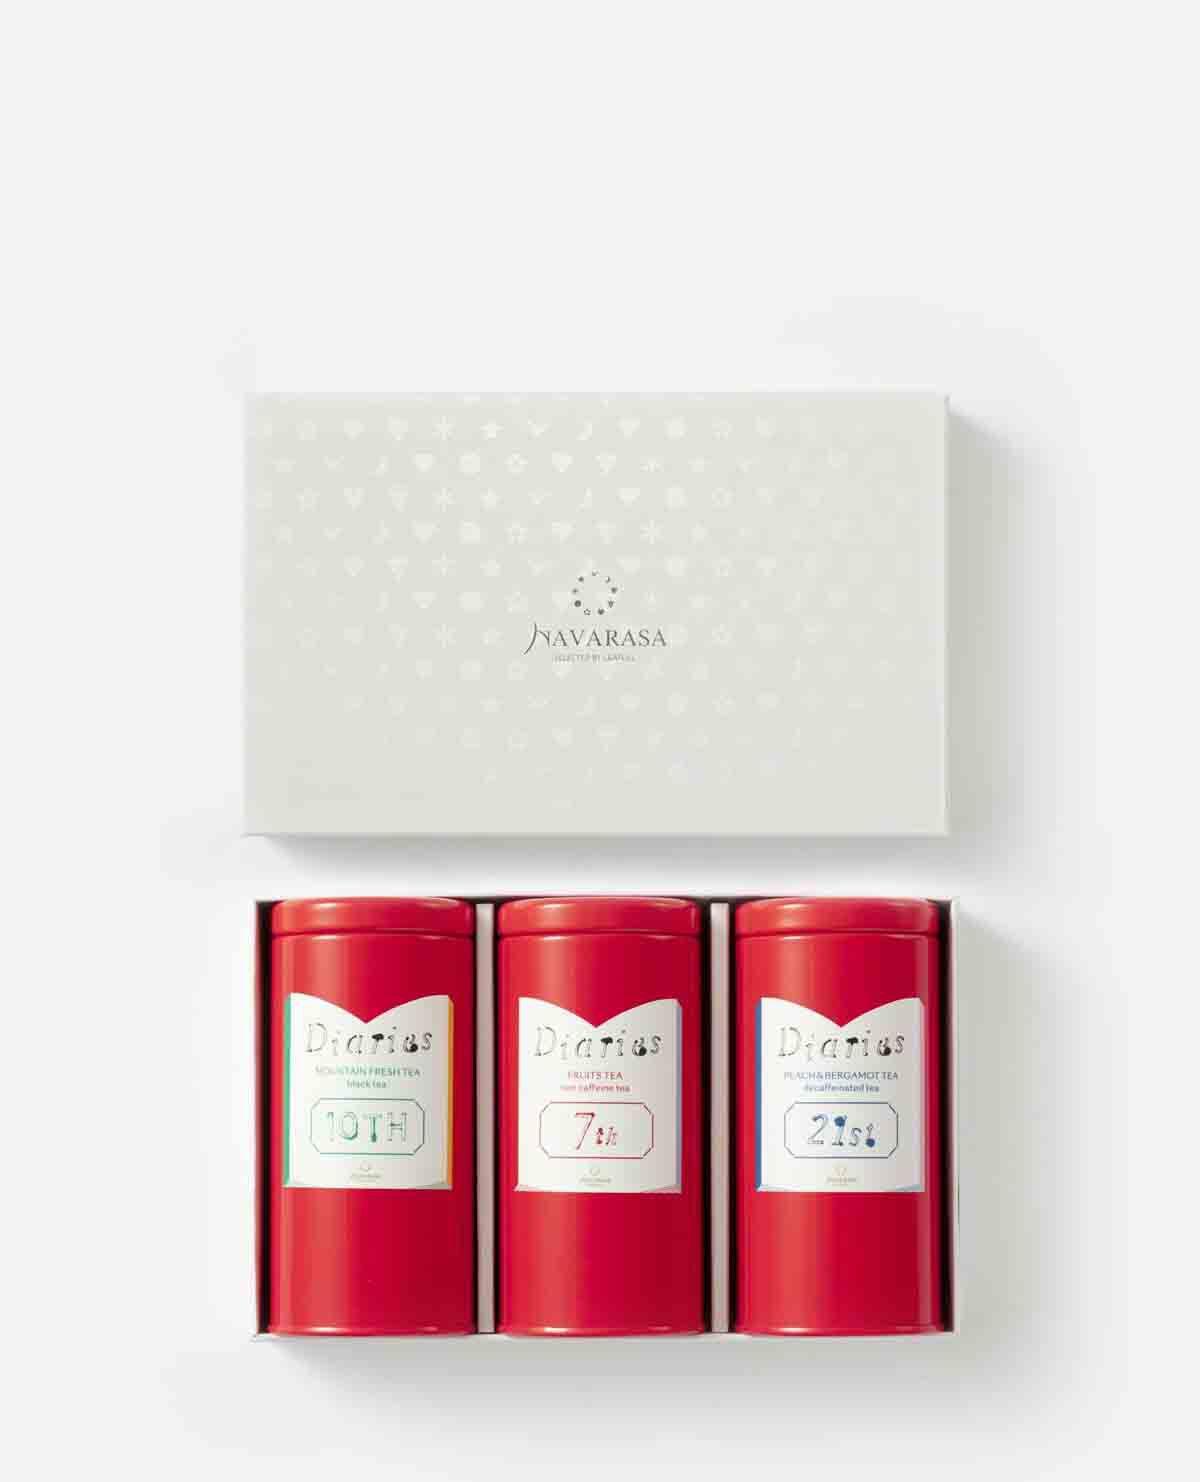 紅茶3種セット Diaries 10st&7th&21stスペシャルティーギフト